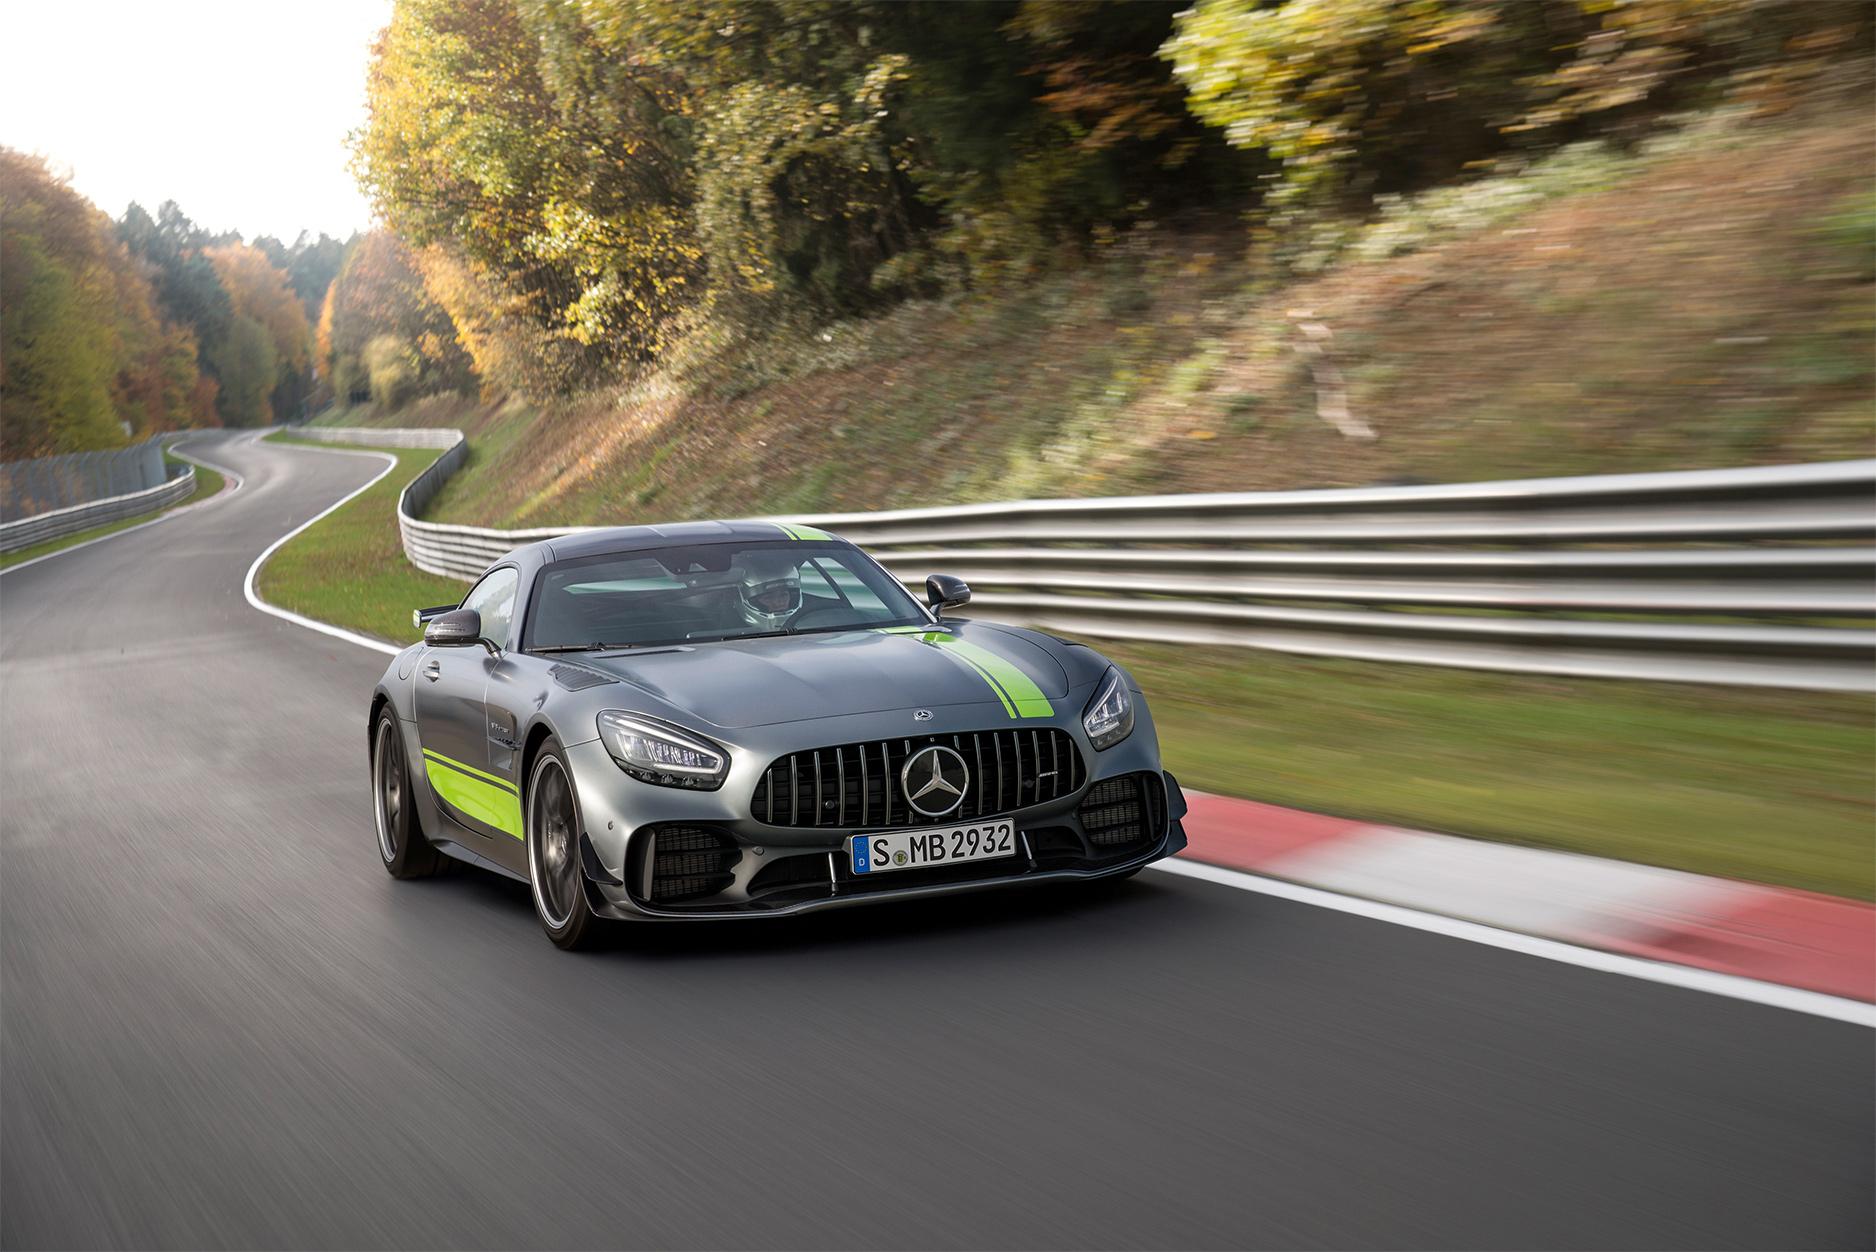 TrackWorthy-Mercedes-AMG-GT-R-PRO-1.jpg